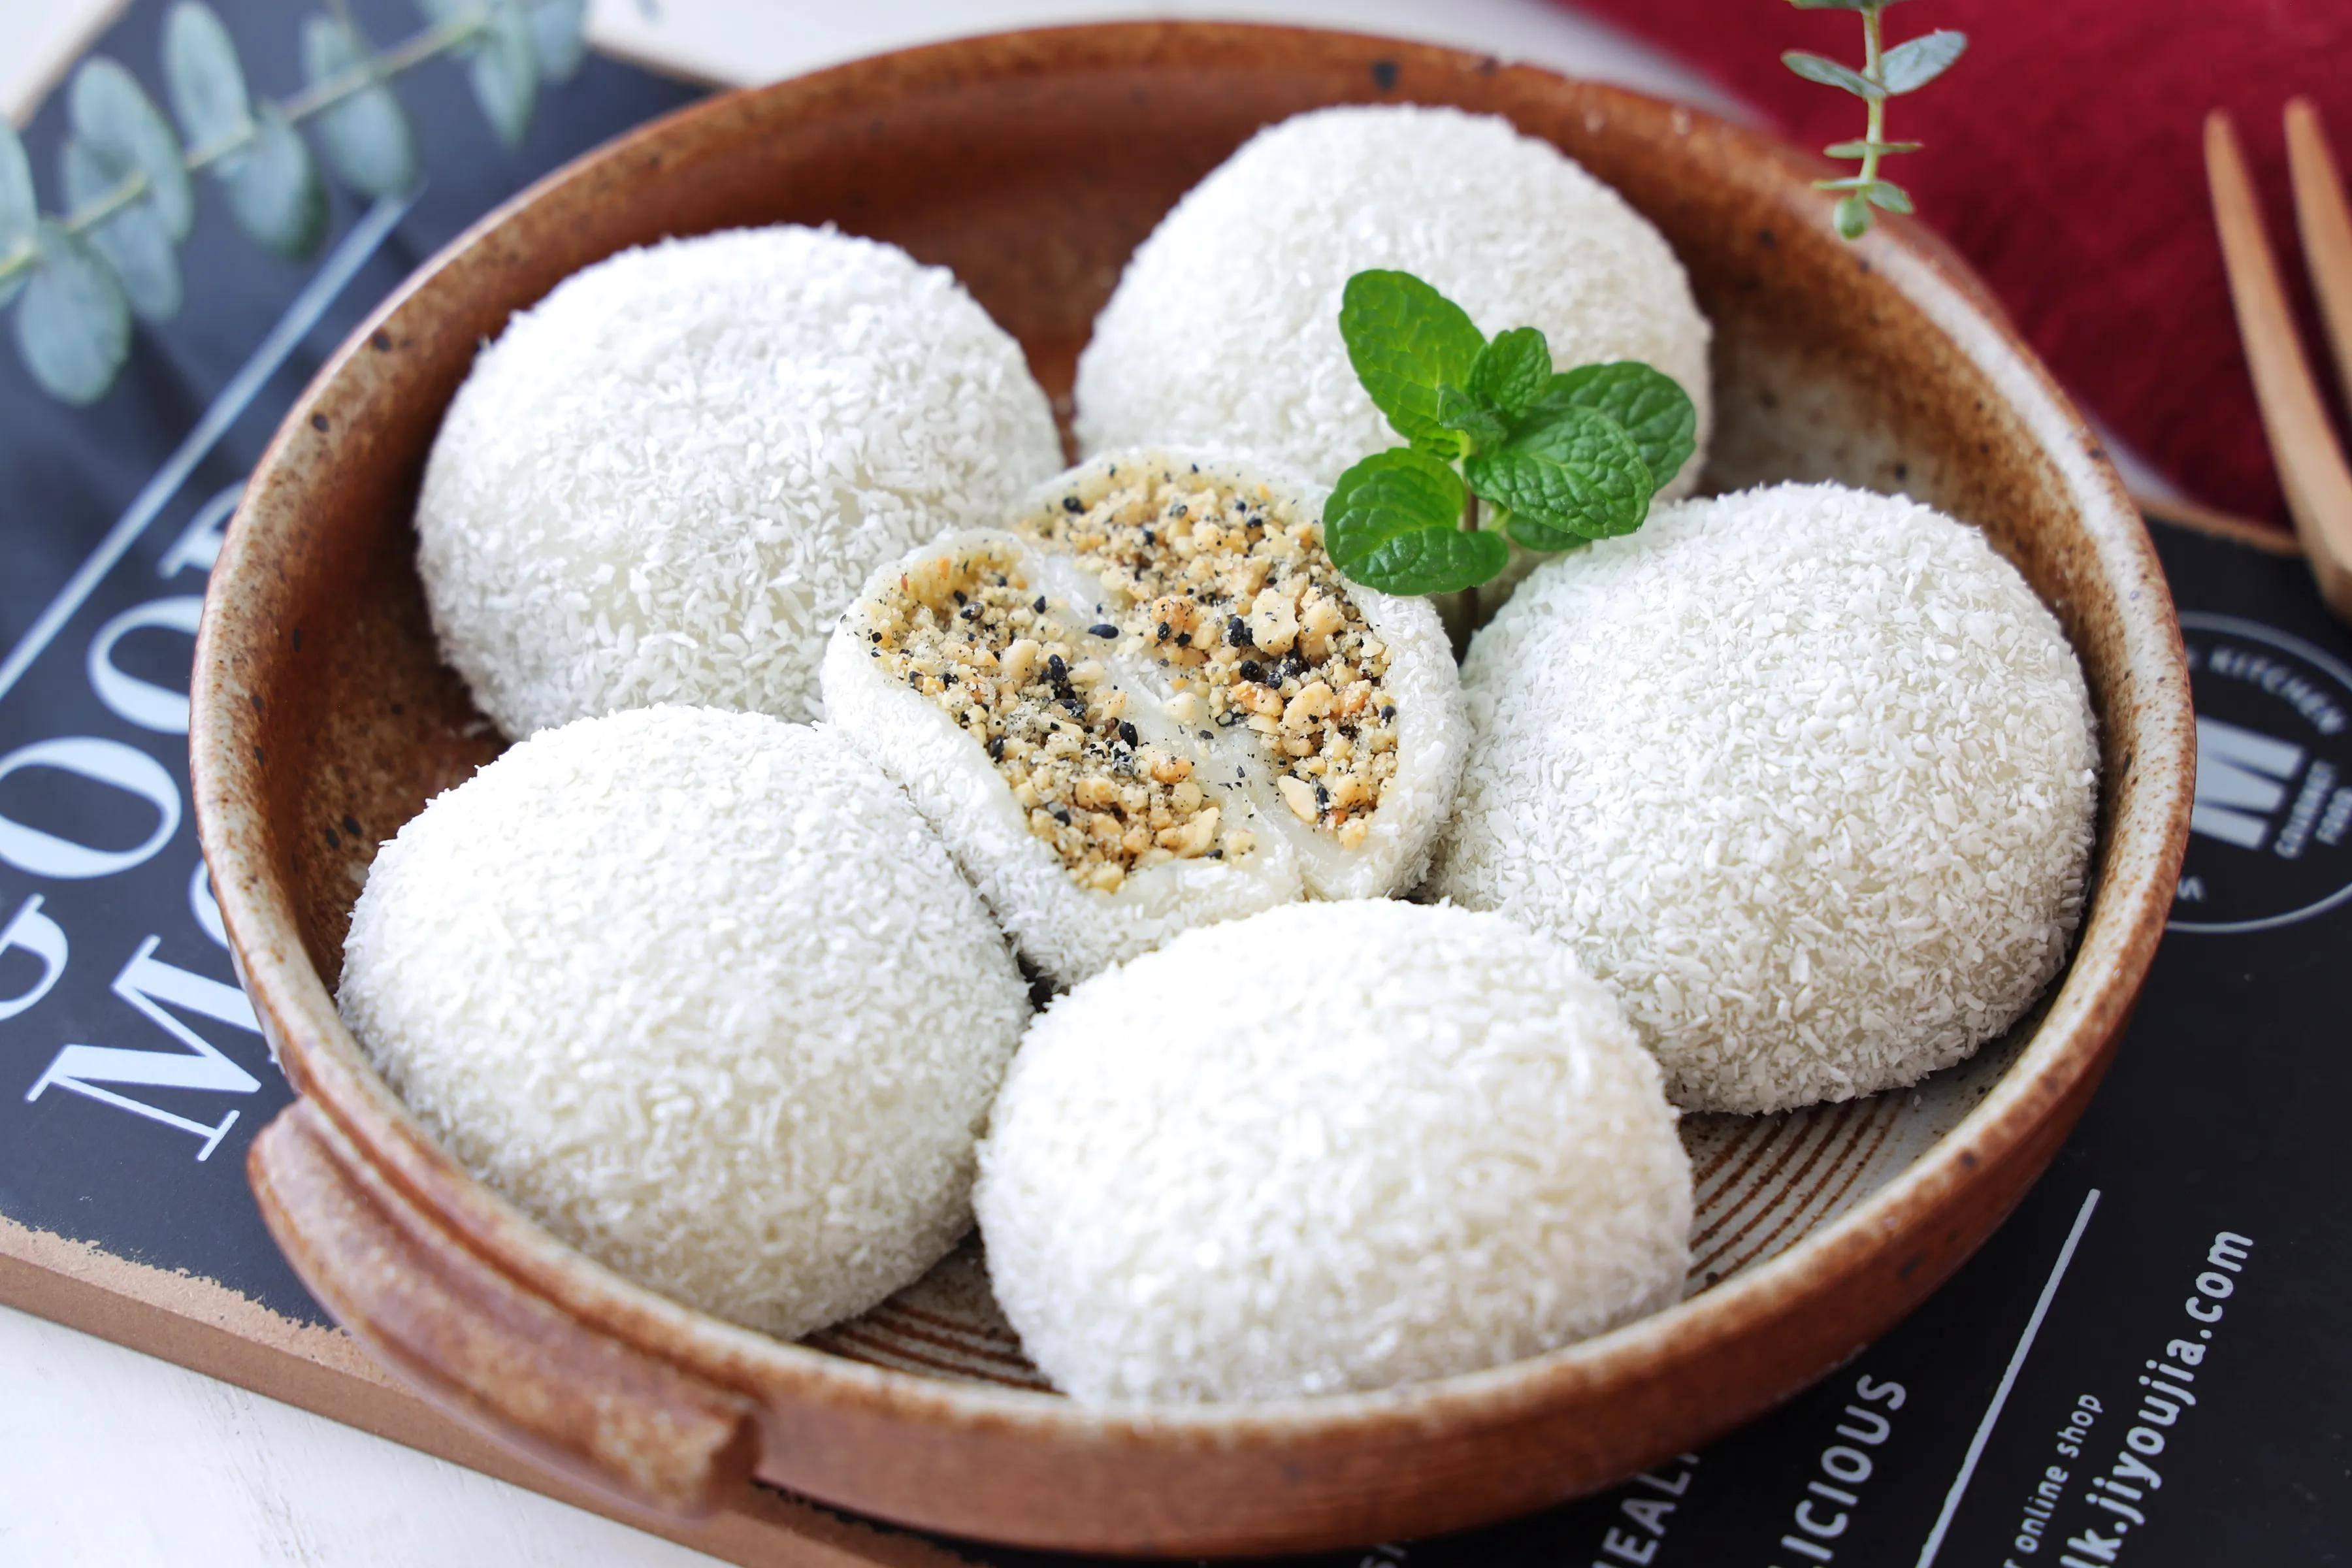 糯米粉这样做,比汤圆简单又好吃,还能当甜点,美味营养两不误!